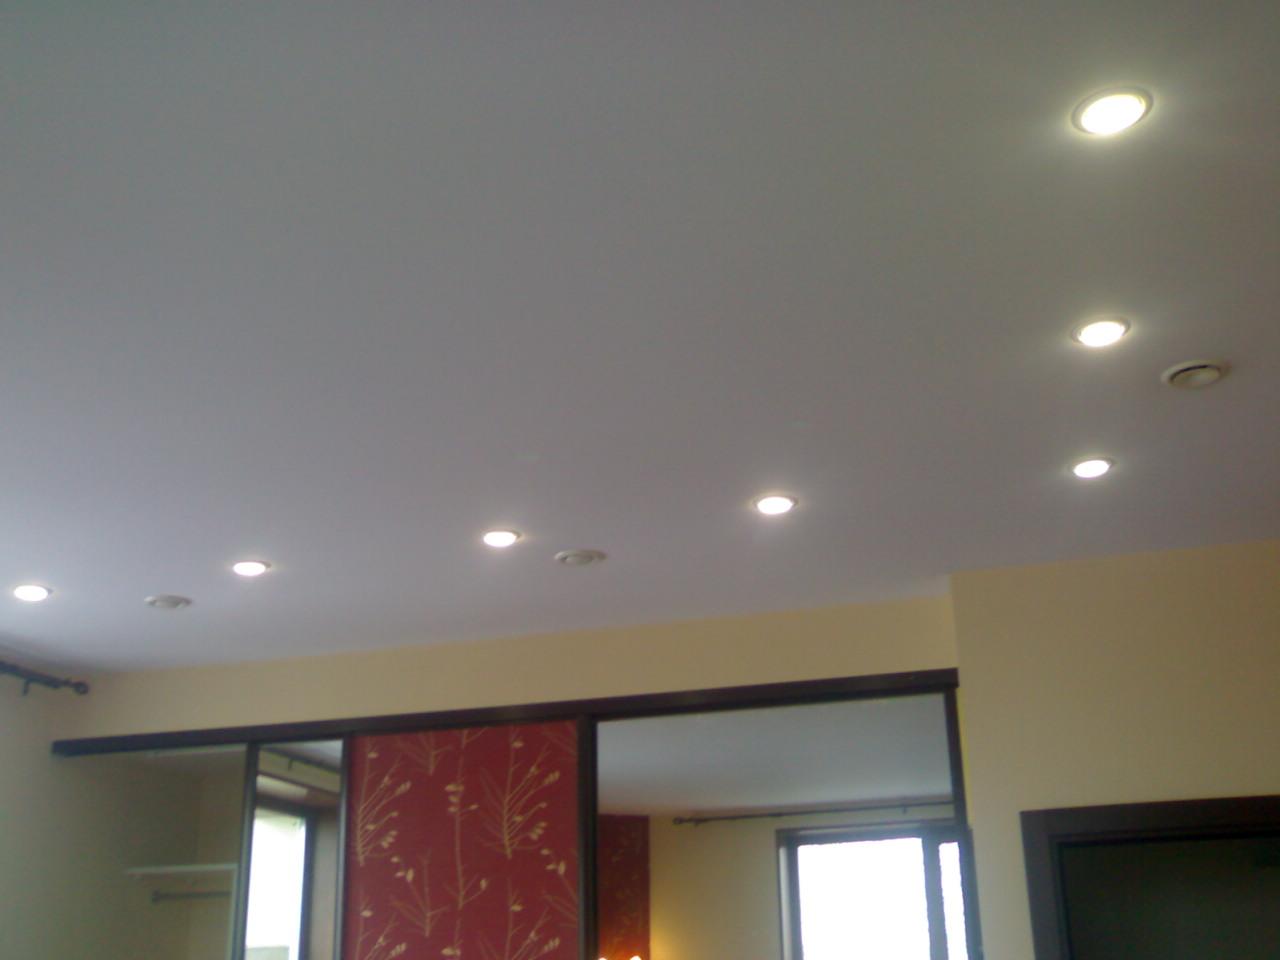 Armstrong plafonds acoustiques devis travaux de renovation loiret entrepris - Dalle plafond isolante ...